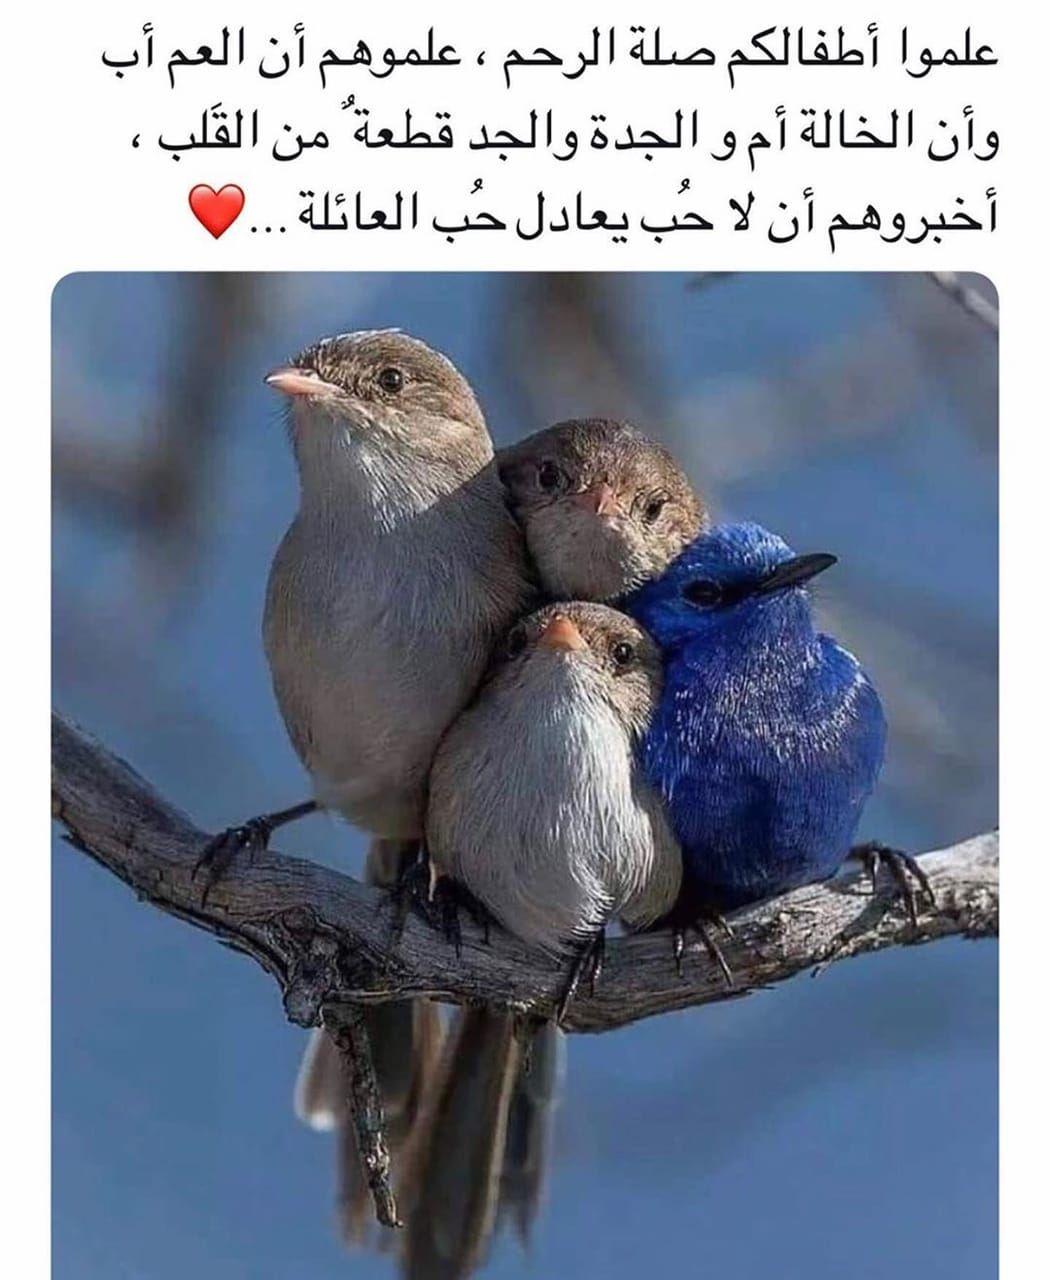 Image Decouverte Par Mouna Dramaqueen Decouvrez Et Enregistrez Vos Images Et Videos Sur We Heart It Beautiful Arabic Words Arabic Love Quotes Words Quotes